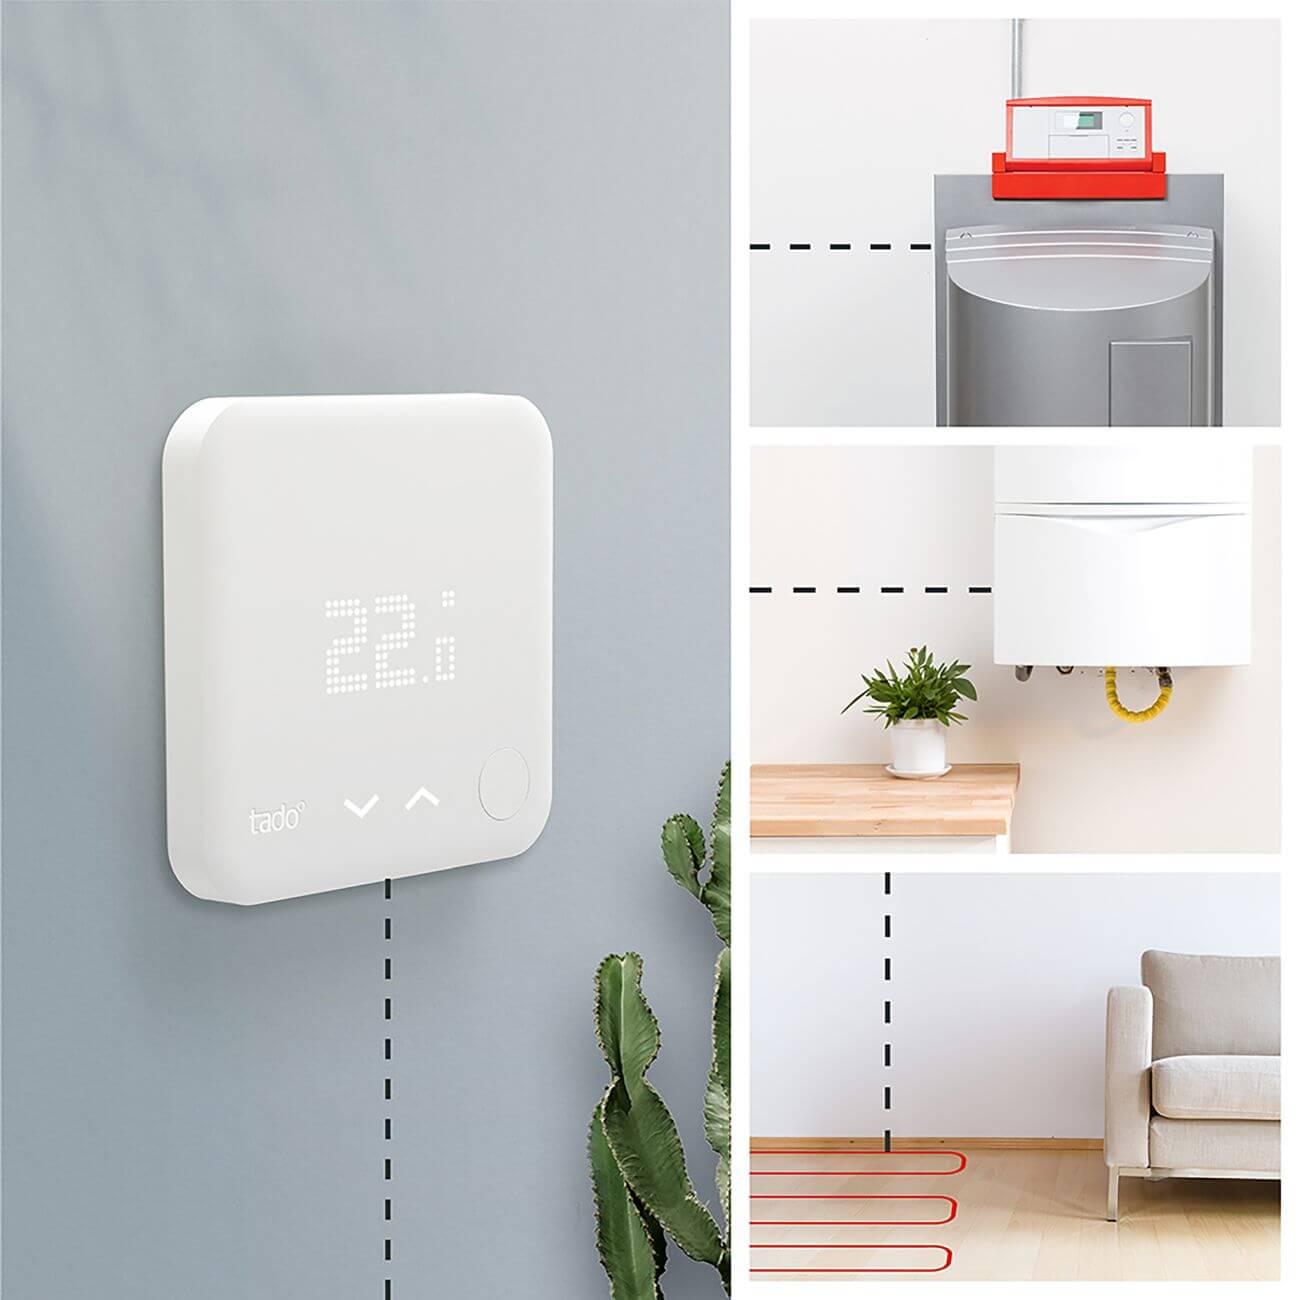 Smartes Thermostat von tado